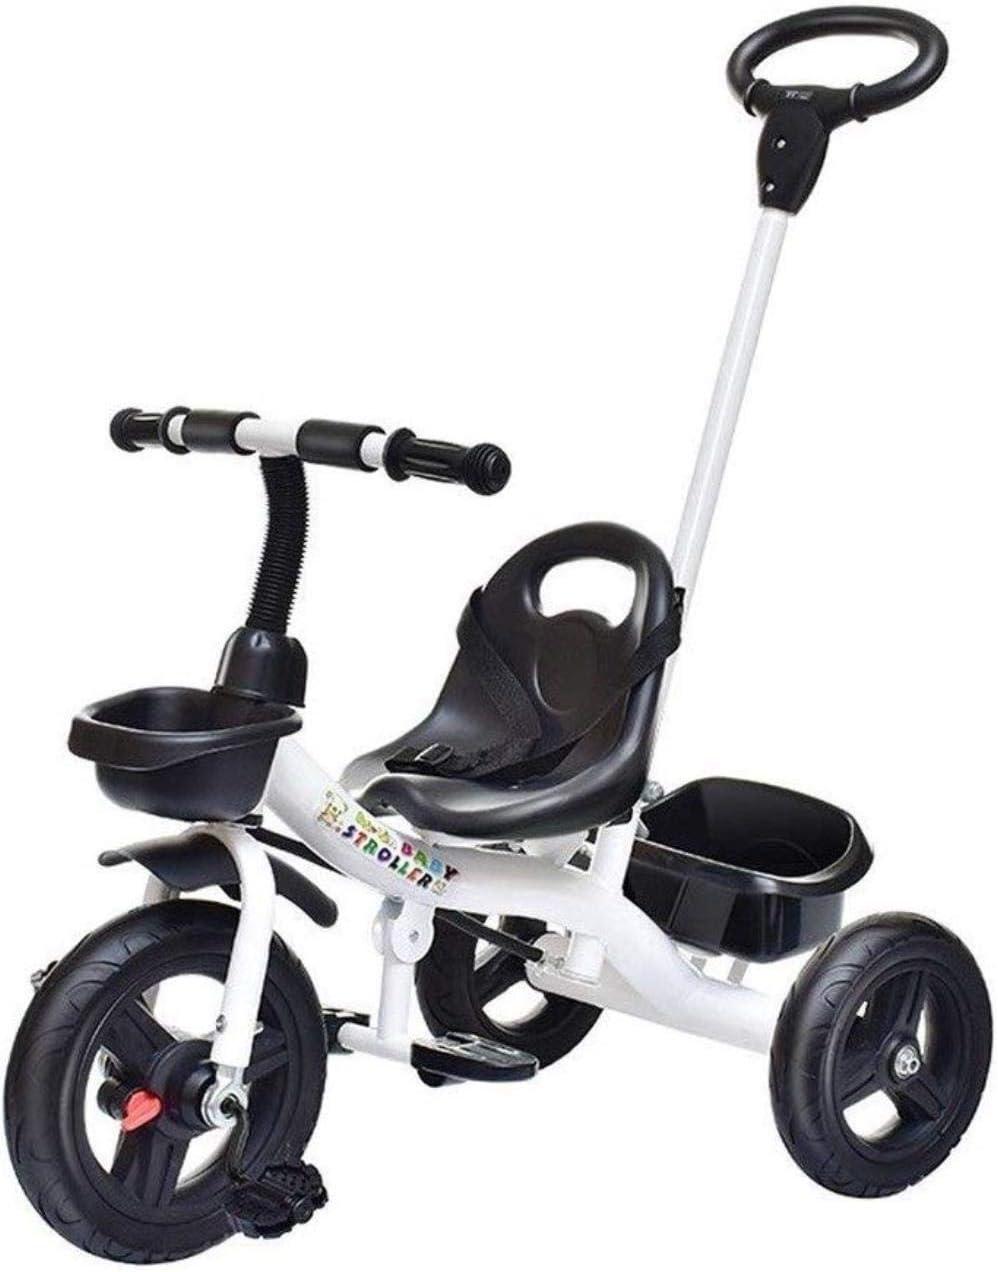 Archivadores Bicicletas del caballo de oscilación triciclos for niños pequeños triciclos infantiles del niño Bici niño 2-en-1 de empuje y paseo cochecito de bebé al aire libre de la bicicleta del tric